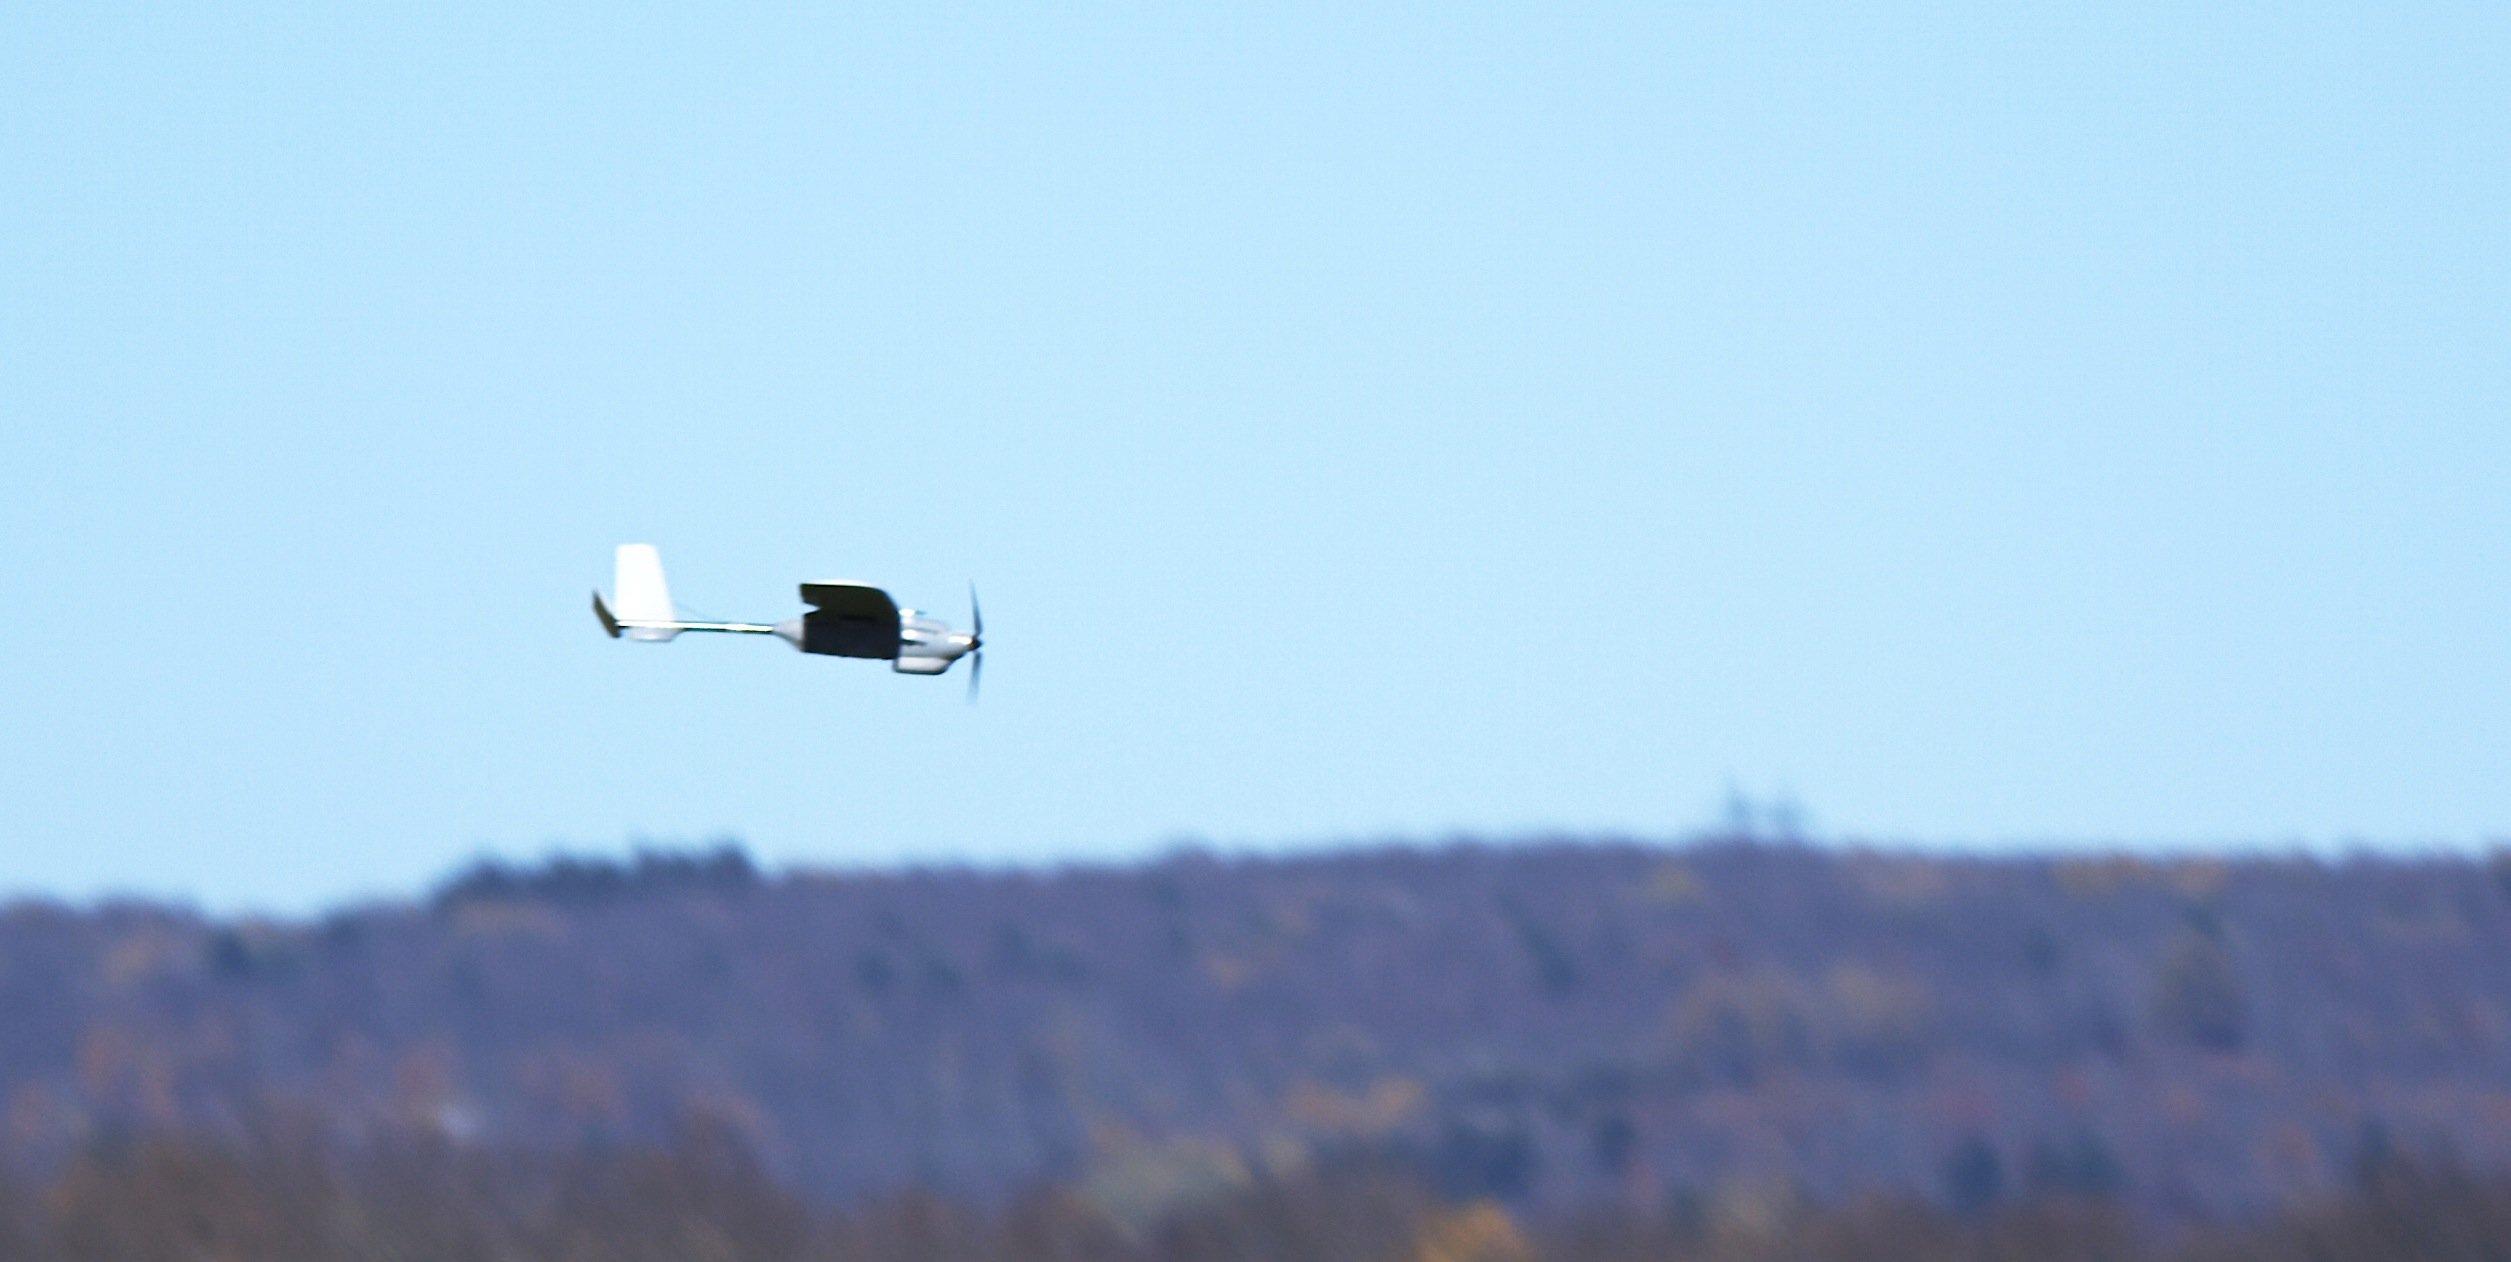 Die kleine Drohne Desert Hawk kann Vermisste und Verletzte in einem Katastrophengebiet aufspüren.